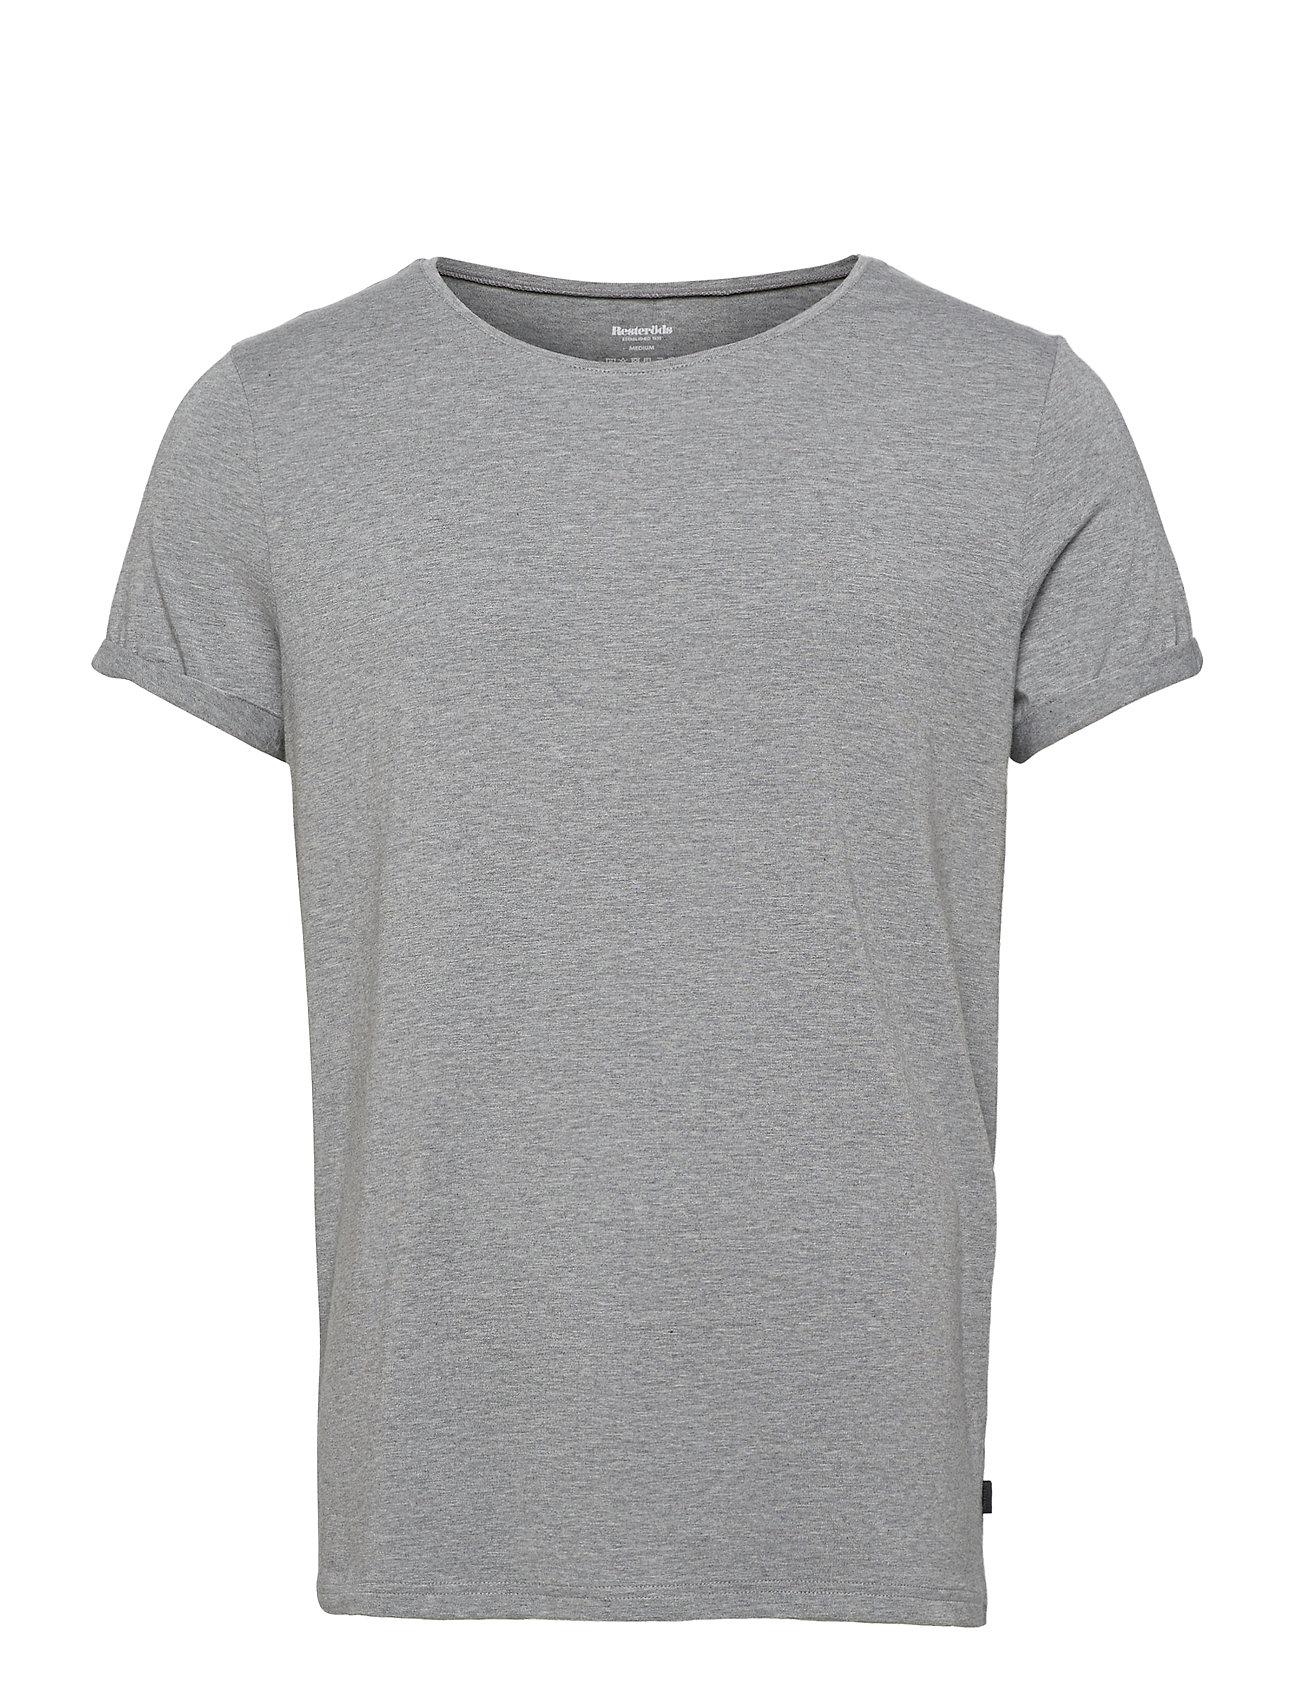 Image of Bamboo Jimmy Tee T-shirt Grå Resteröds (3455507595)